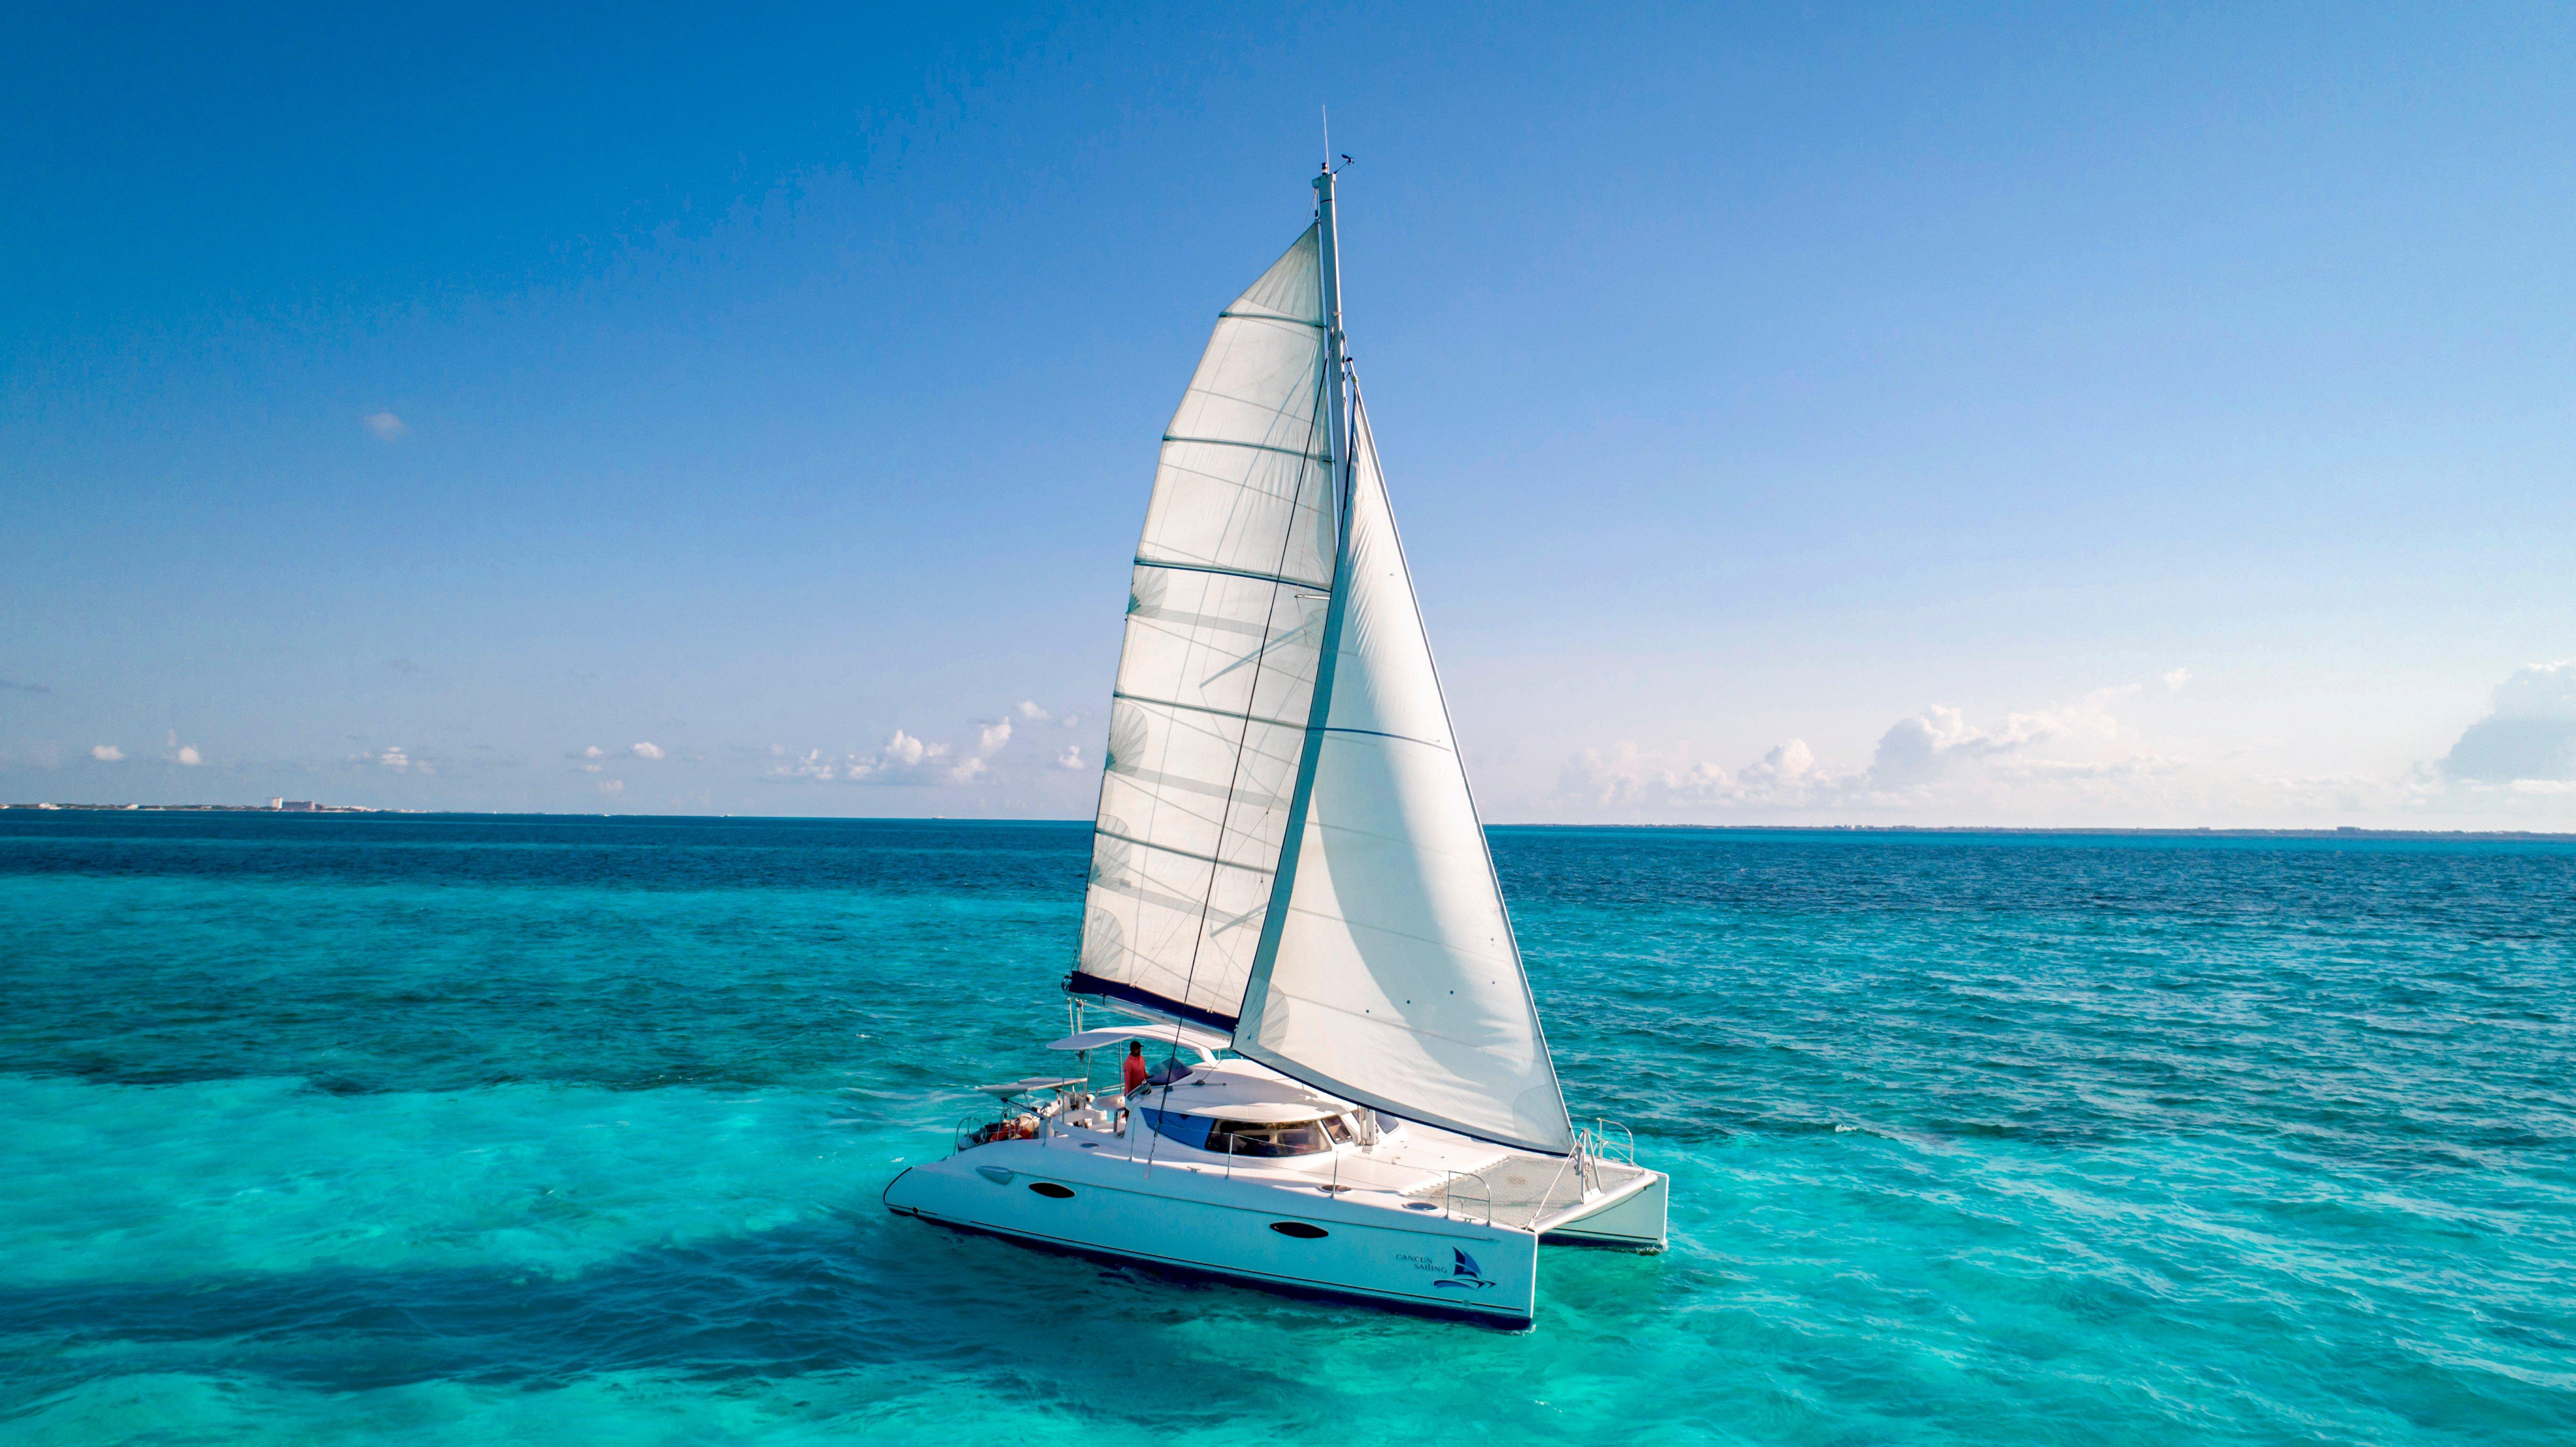 Catamarán con Vela en medio del mar azul y cielo azul